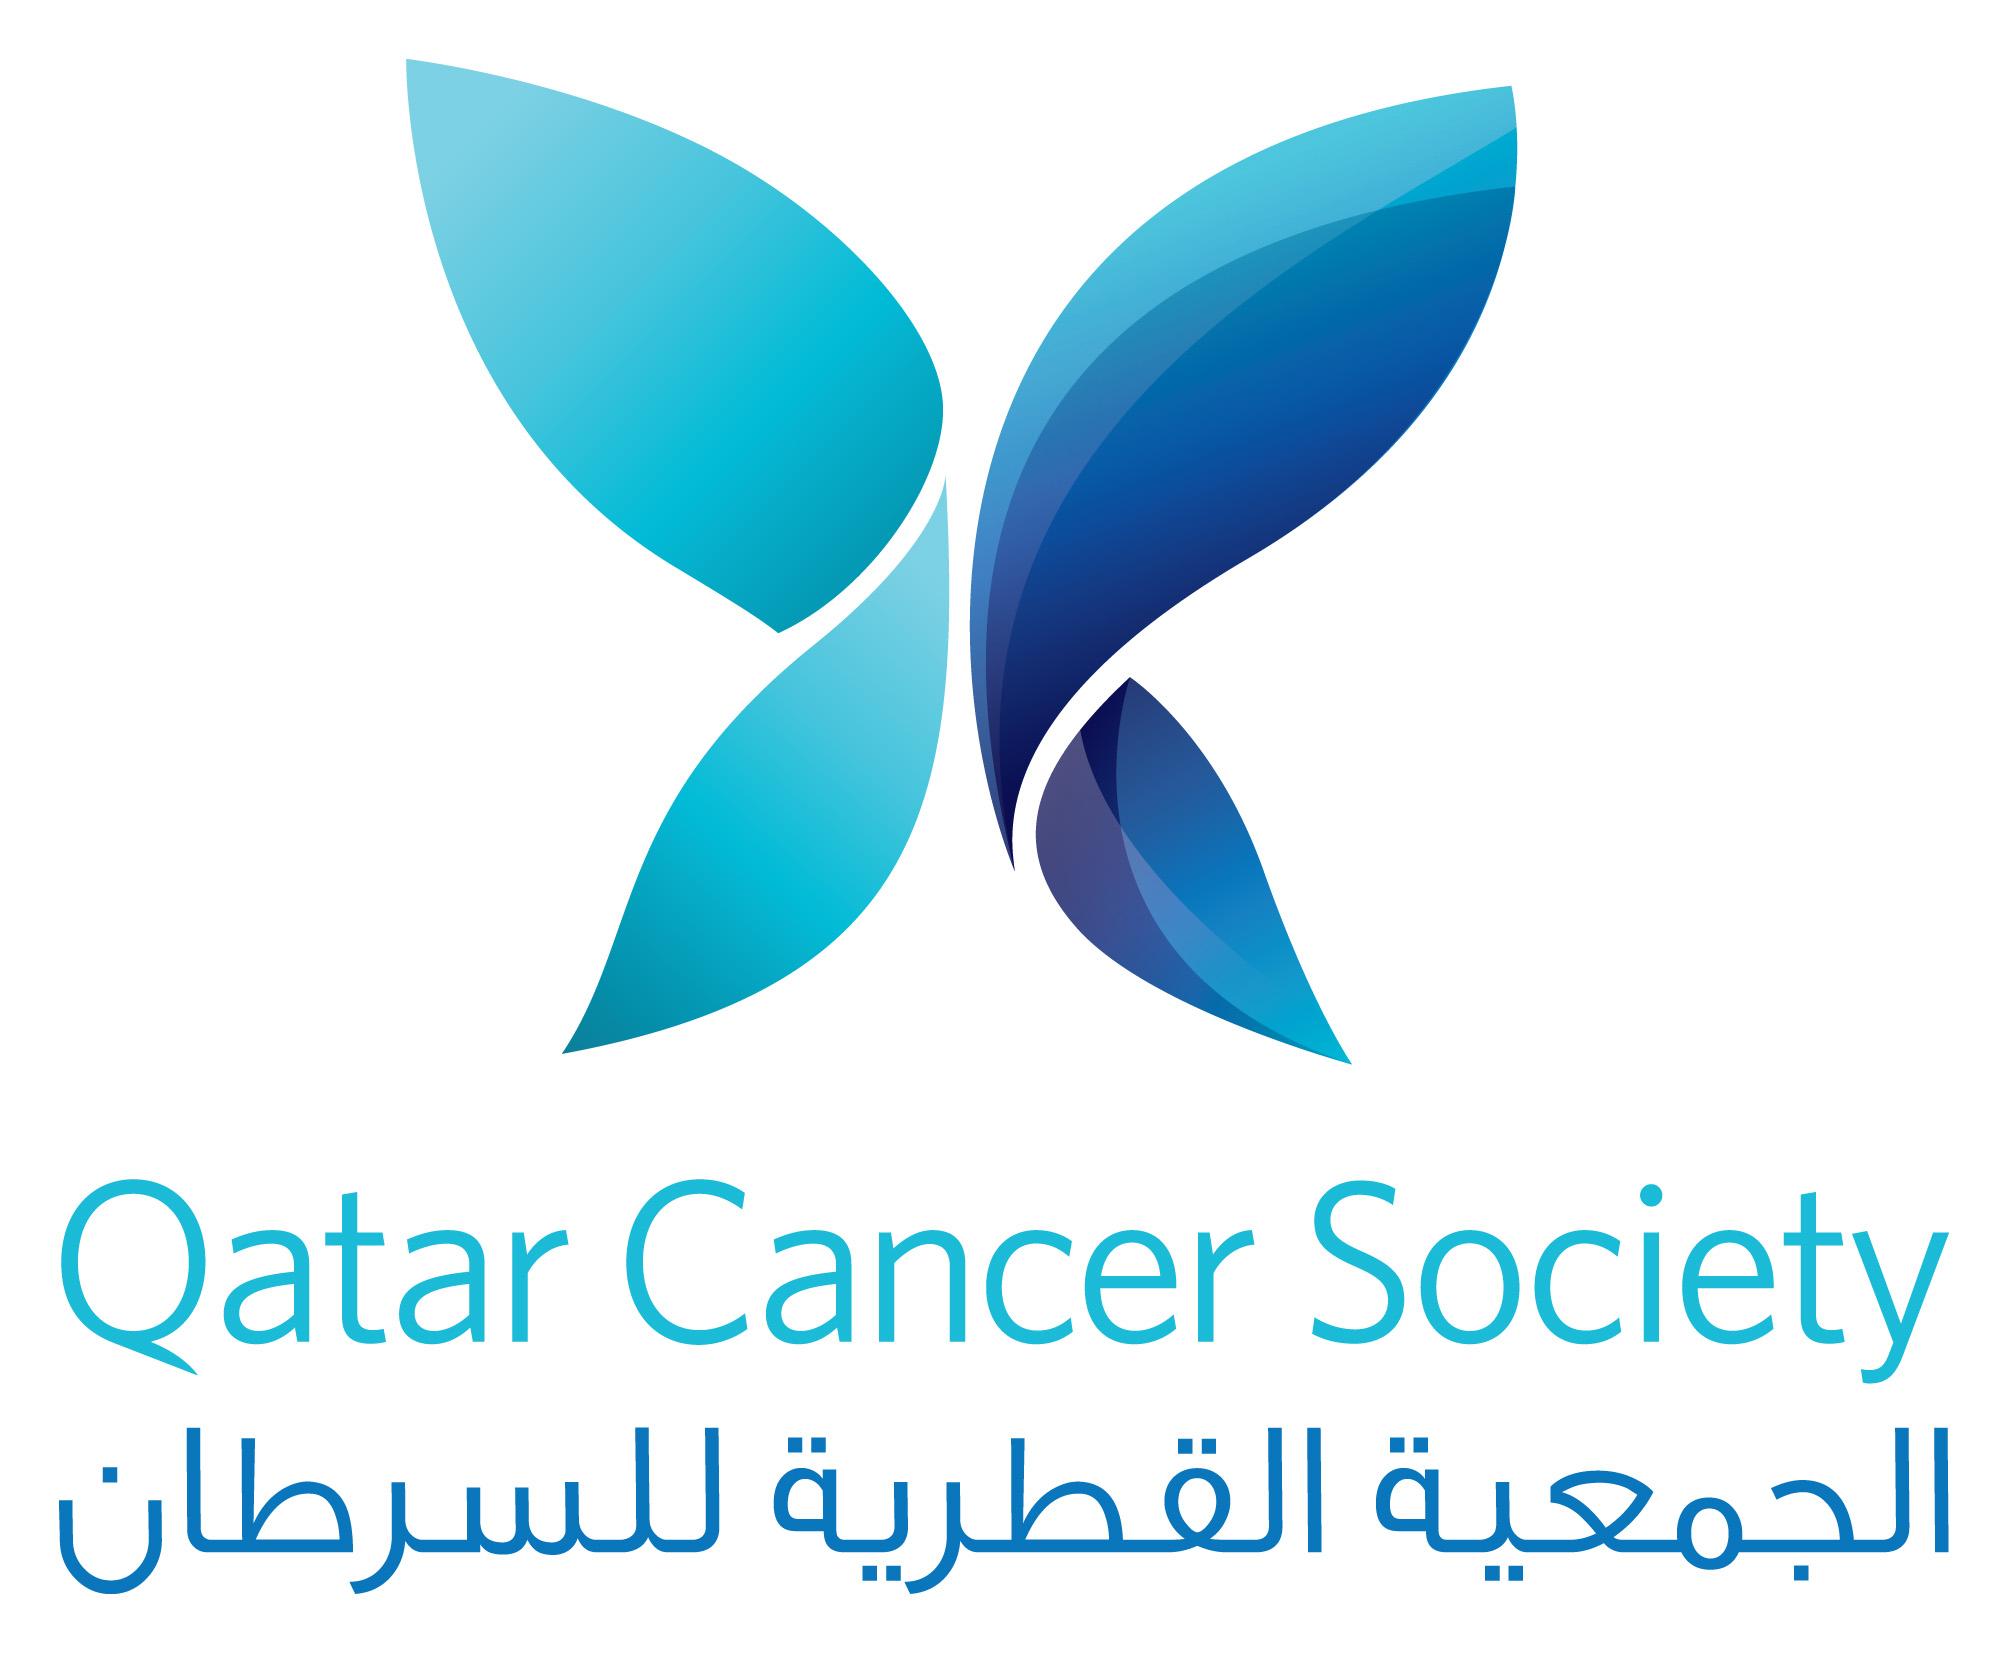 شعار الجمعية القطرية للسرطان